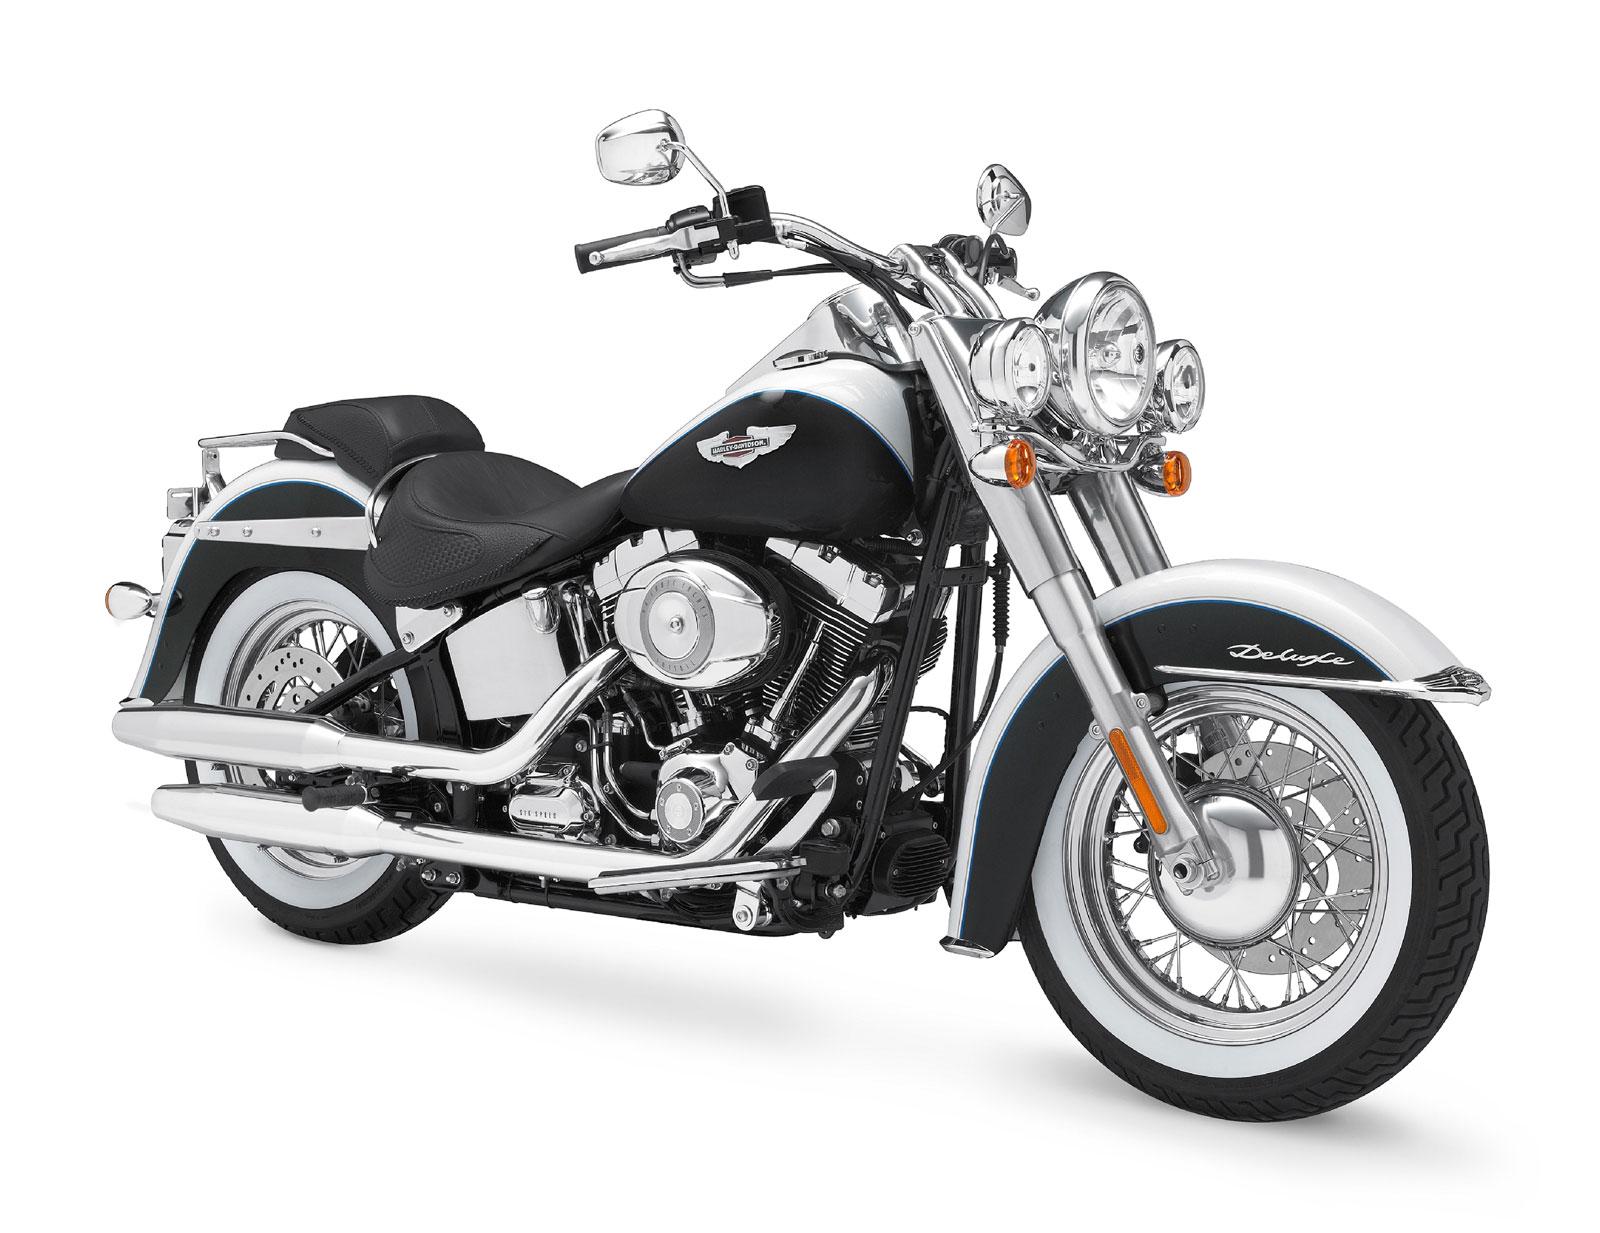 http://4.bp.blogspot.com/-vmp-x0SAWzk/UCINwaAVUUI/AAAAAAAACGs/K4PRtIb76lQ/s1600/2009-Harley-Davidson-FLSTN-Softail-Deluxe-front.jpg